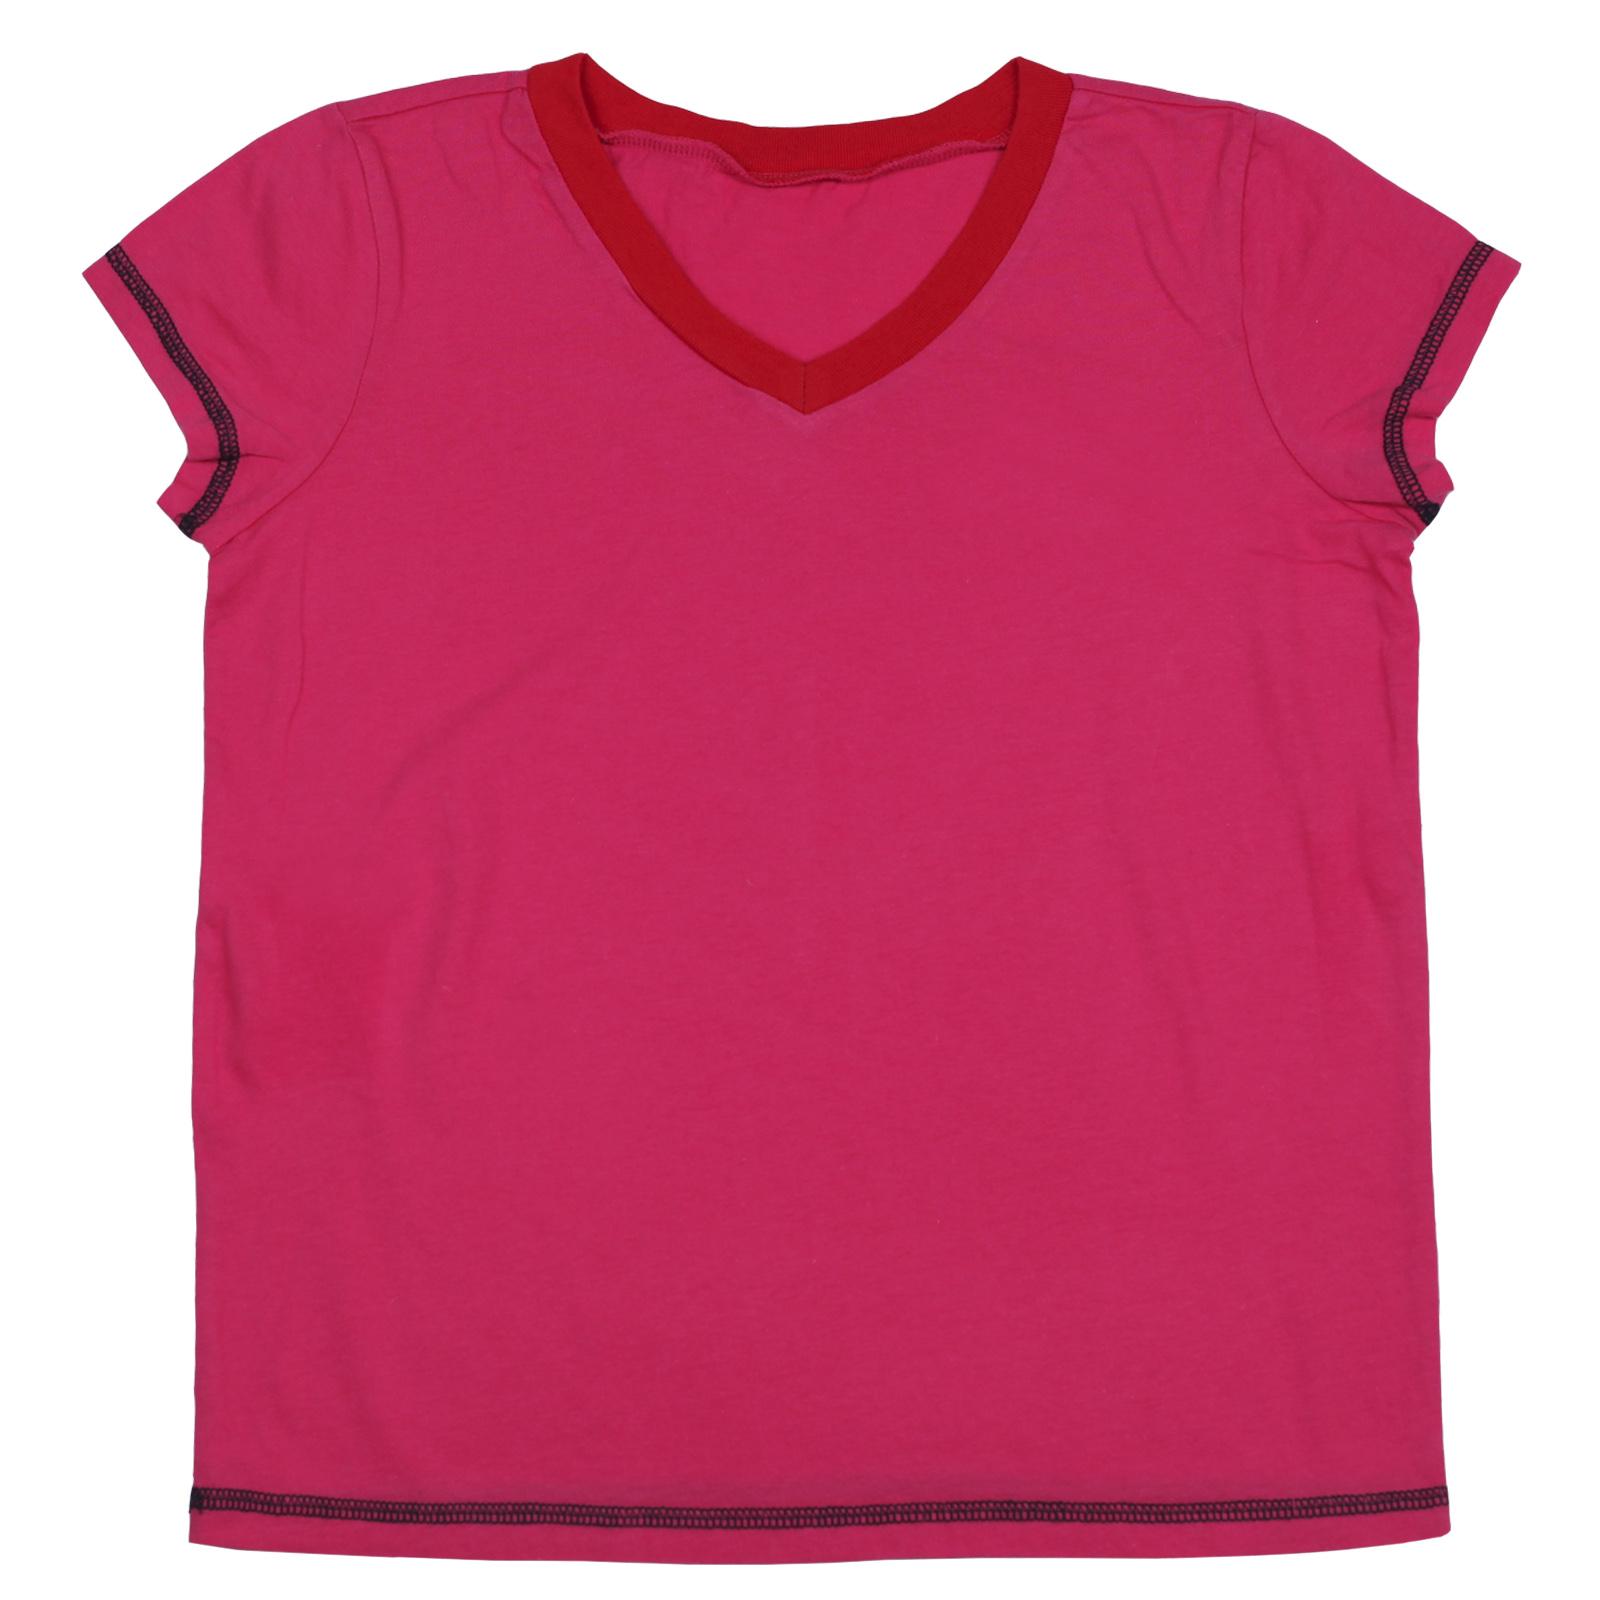 Детская футболка для девочки из приятного материала!